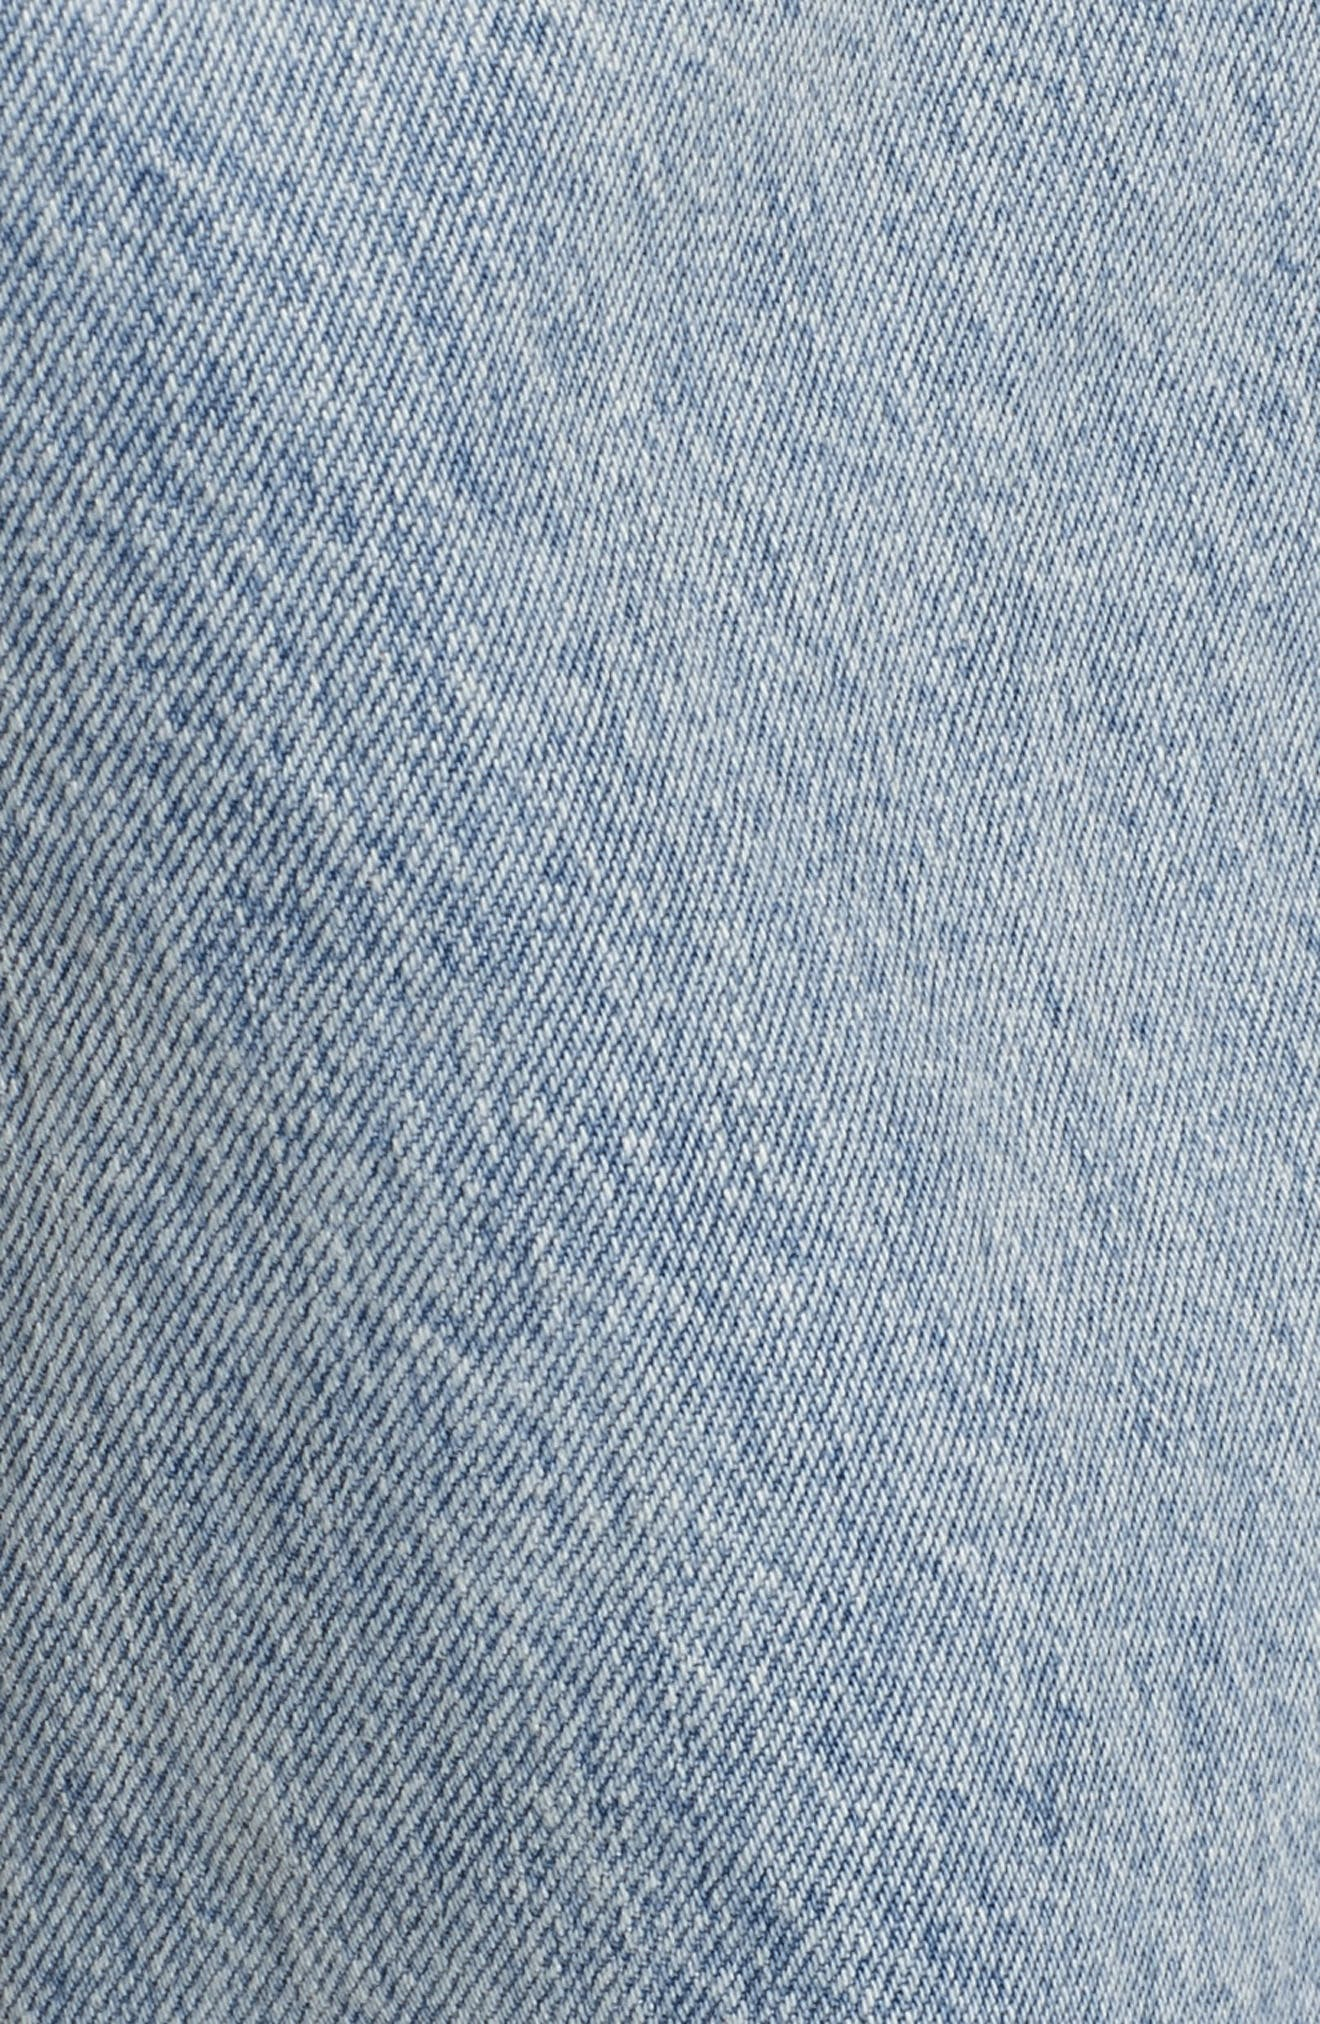 Dixon Straight Fit Jeans,                             Alternate thumbnail 5, color,                             451